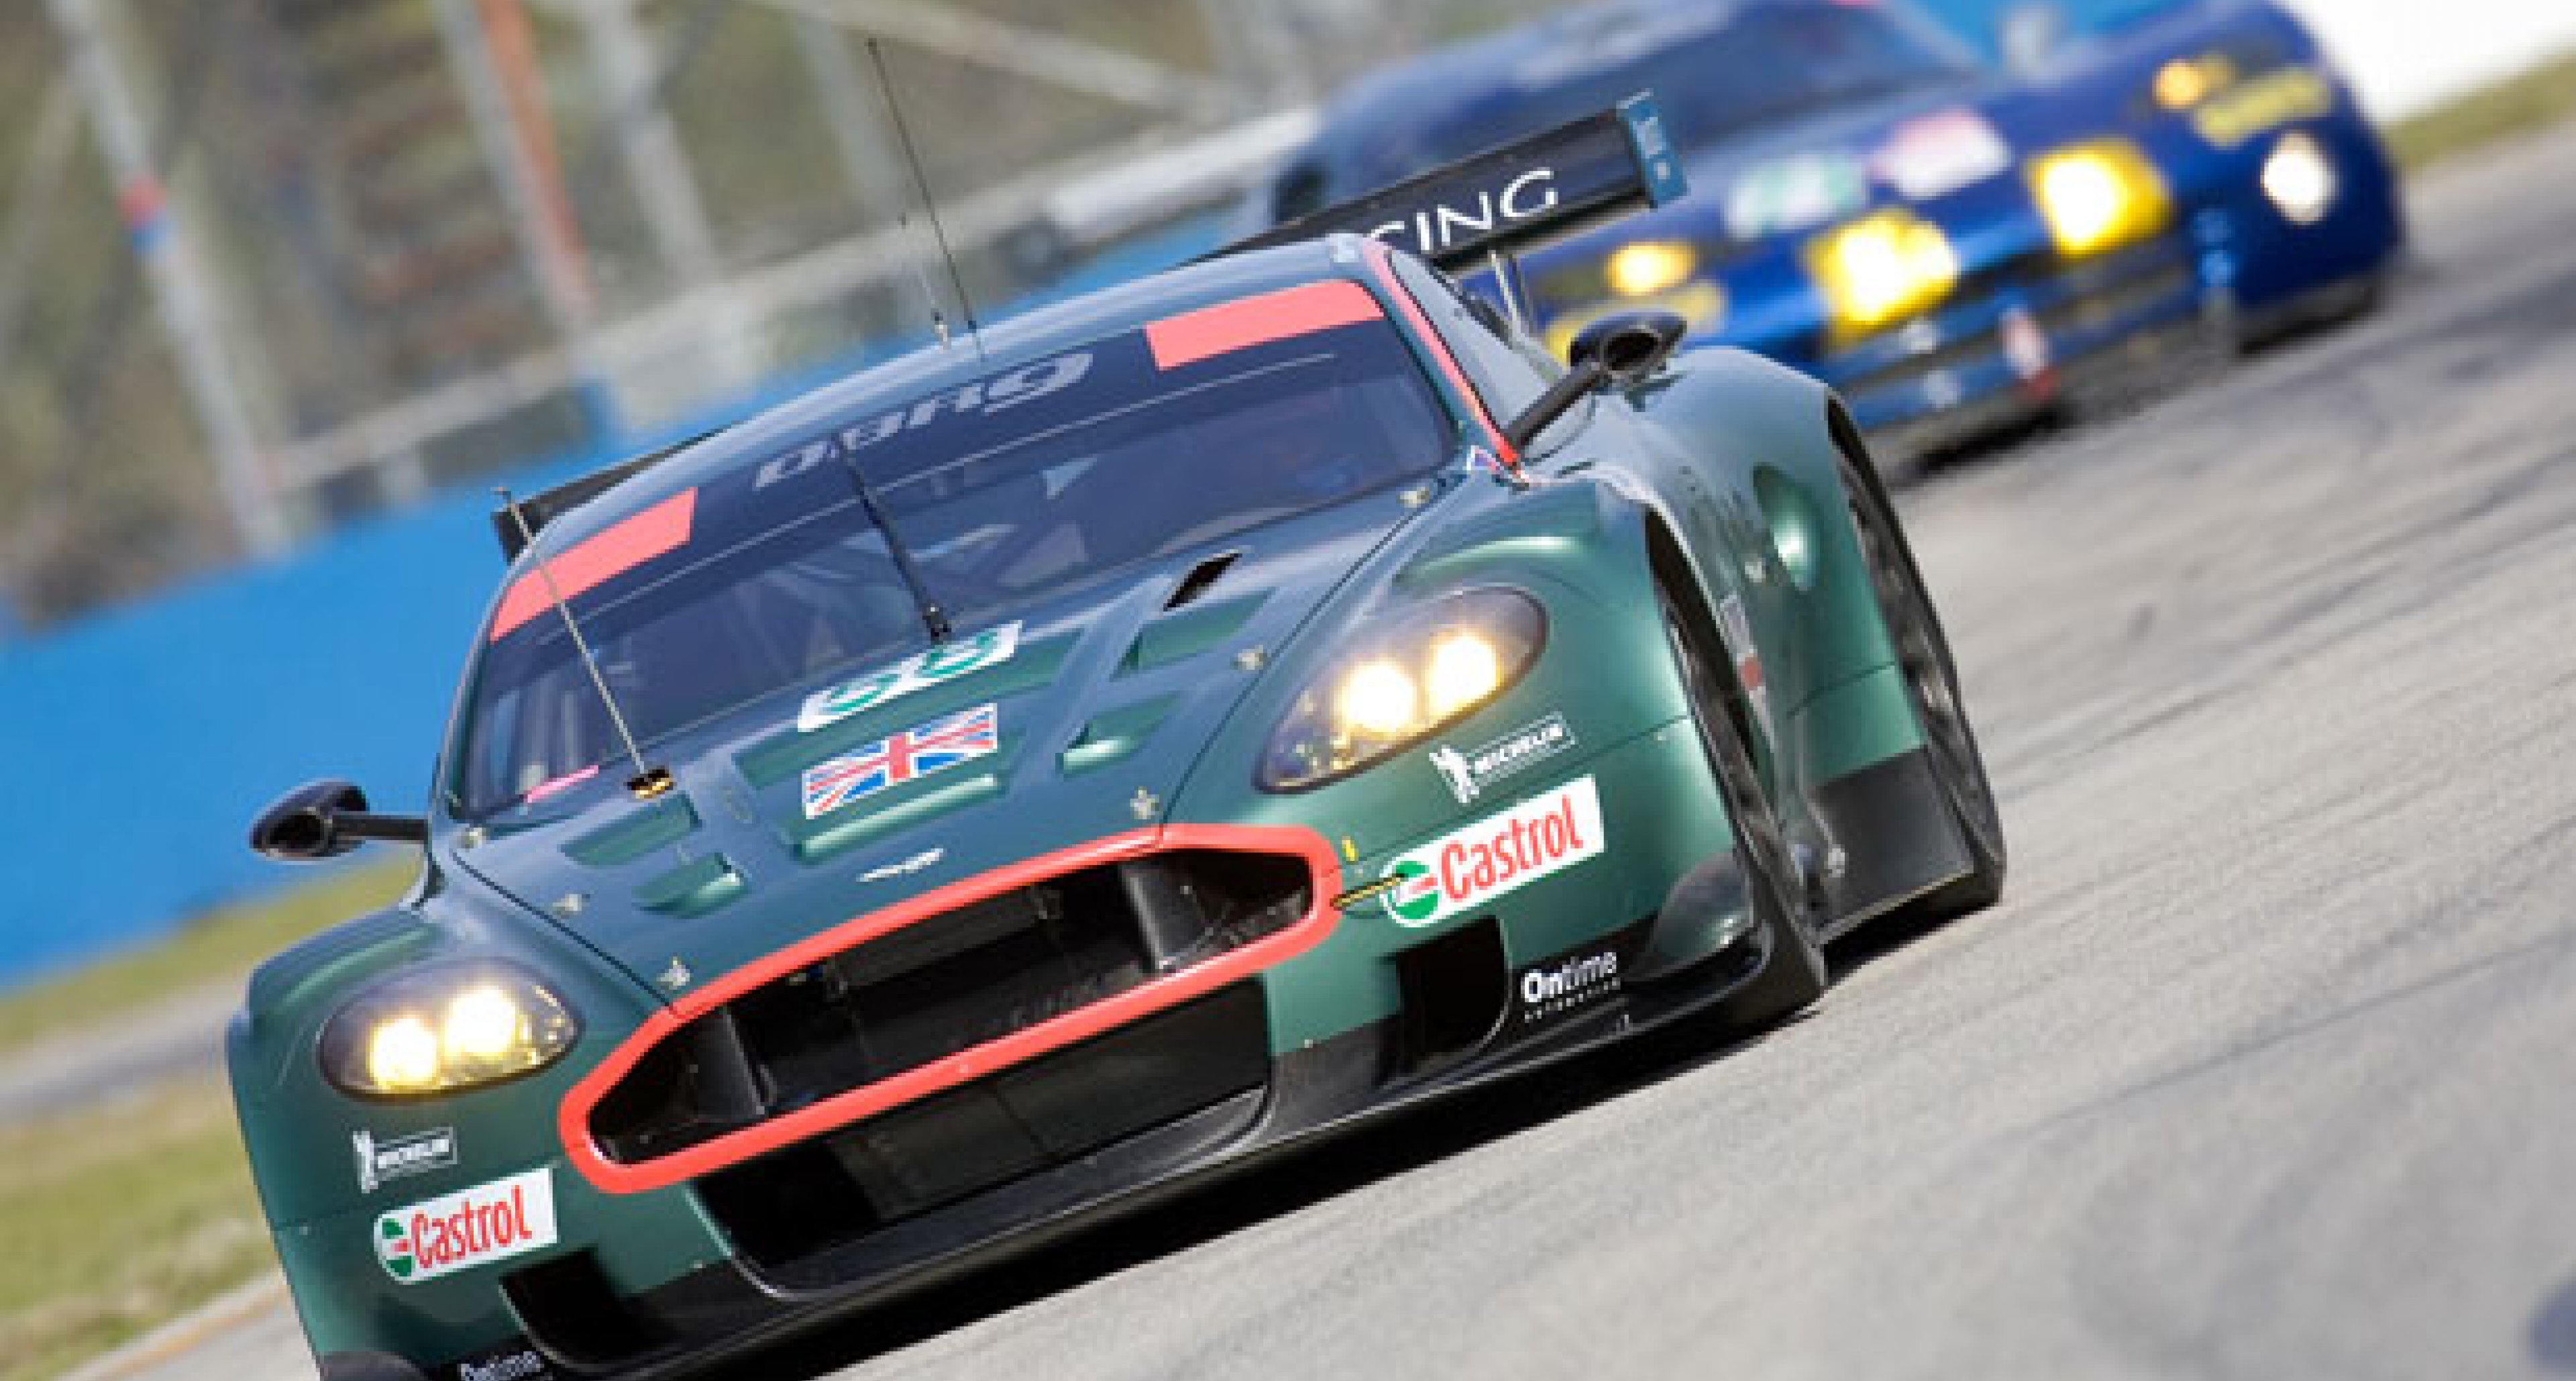 Aston Martin DBR9 at Sebring